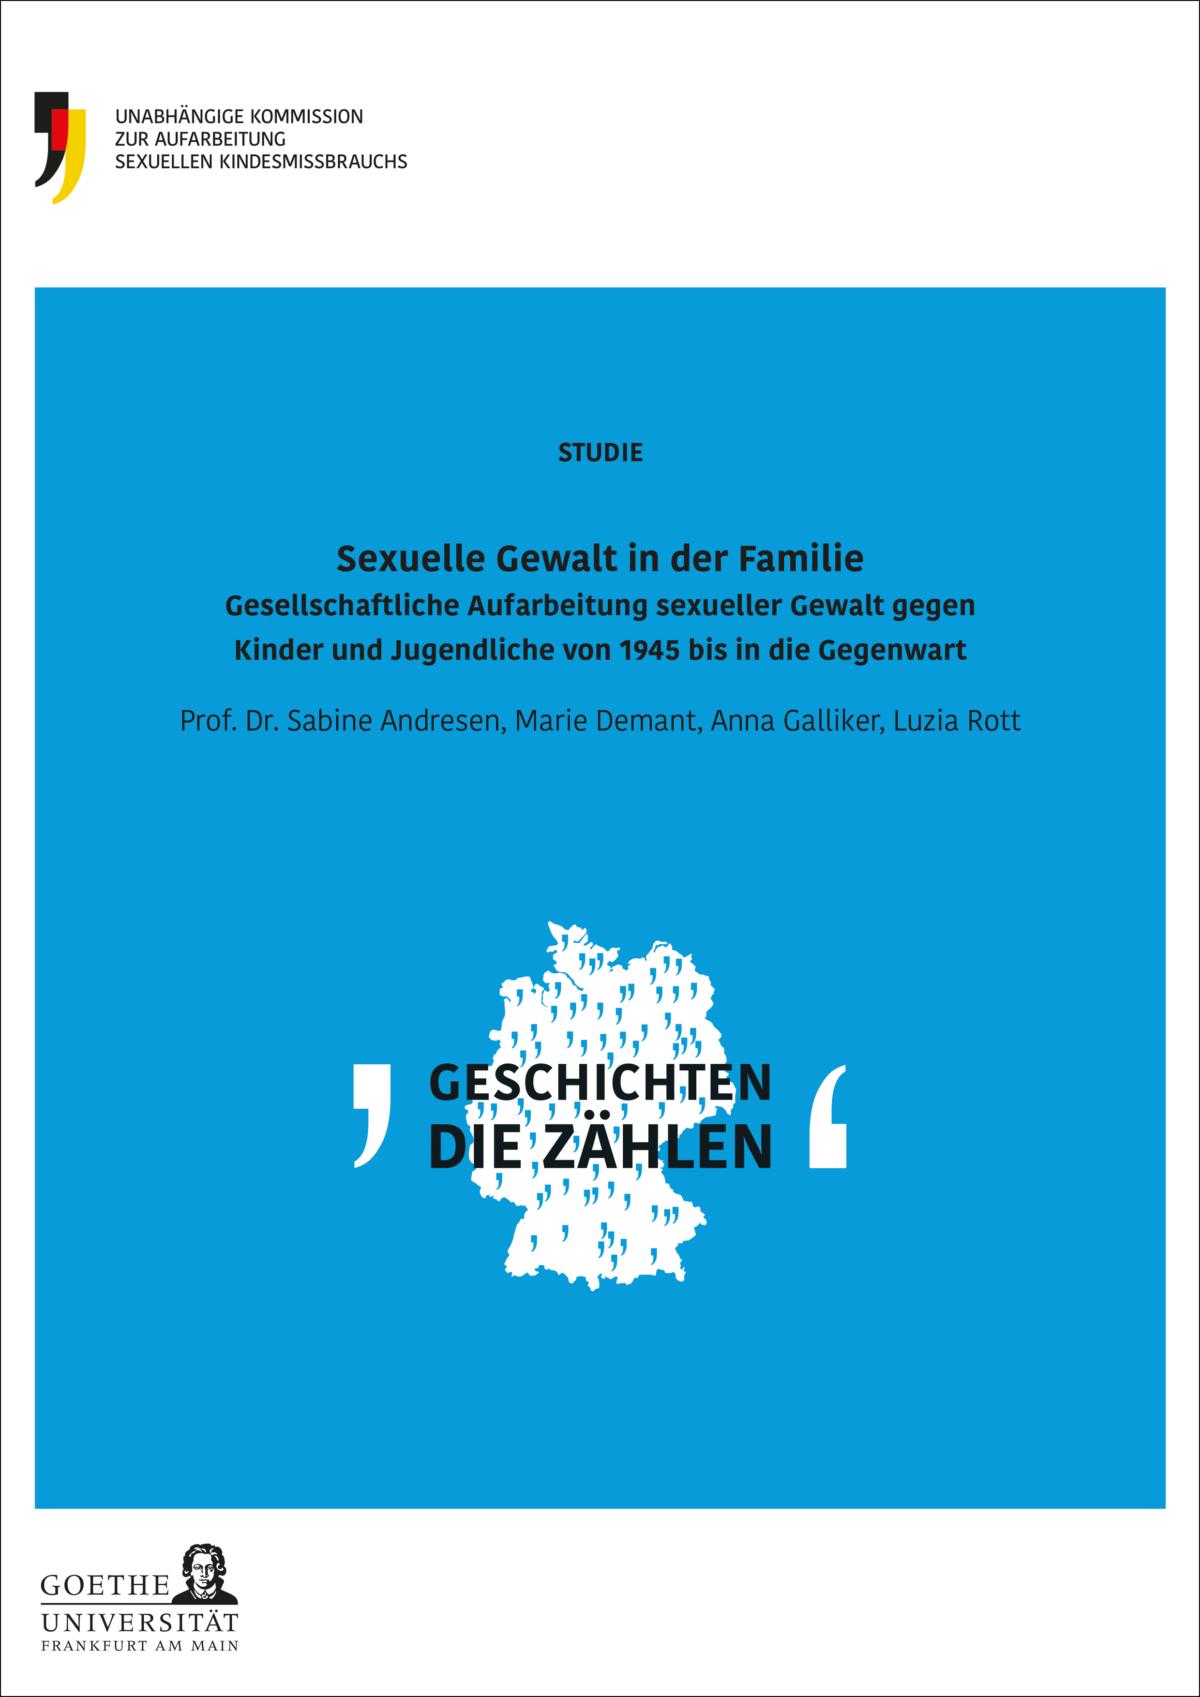 """Umschlag der Studie """"Sexuelle Gewalt in der Familie"""". Auf einem blauen Hintergrund ist der Titel der Studie und eine weiße Deutschlandkarte mit vielen Anführungszeichen und dem Schriftzug Geschichten die zählen."""